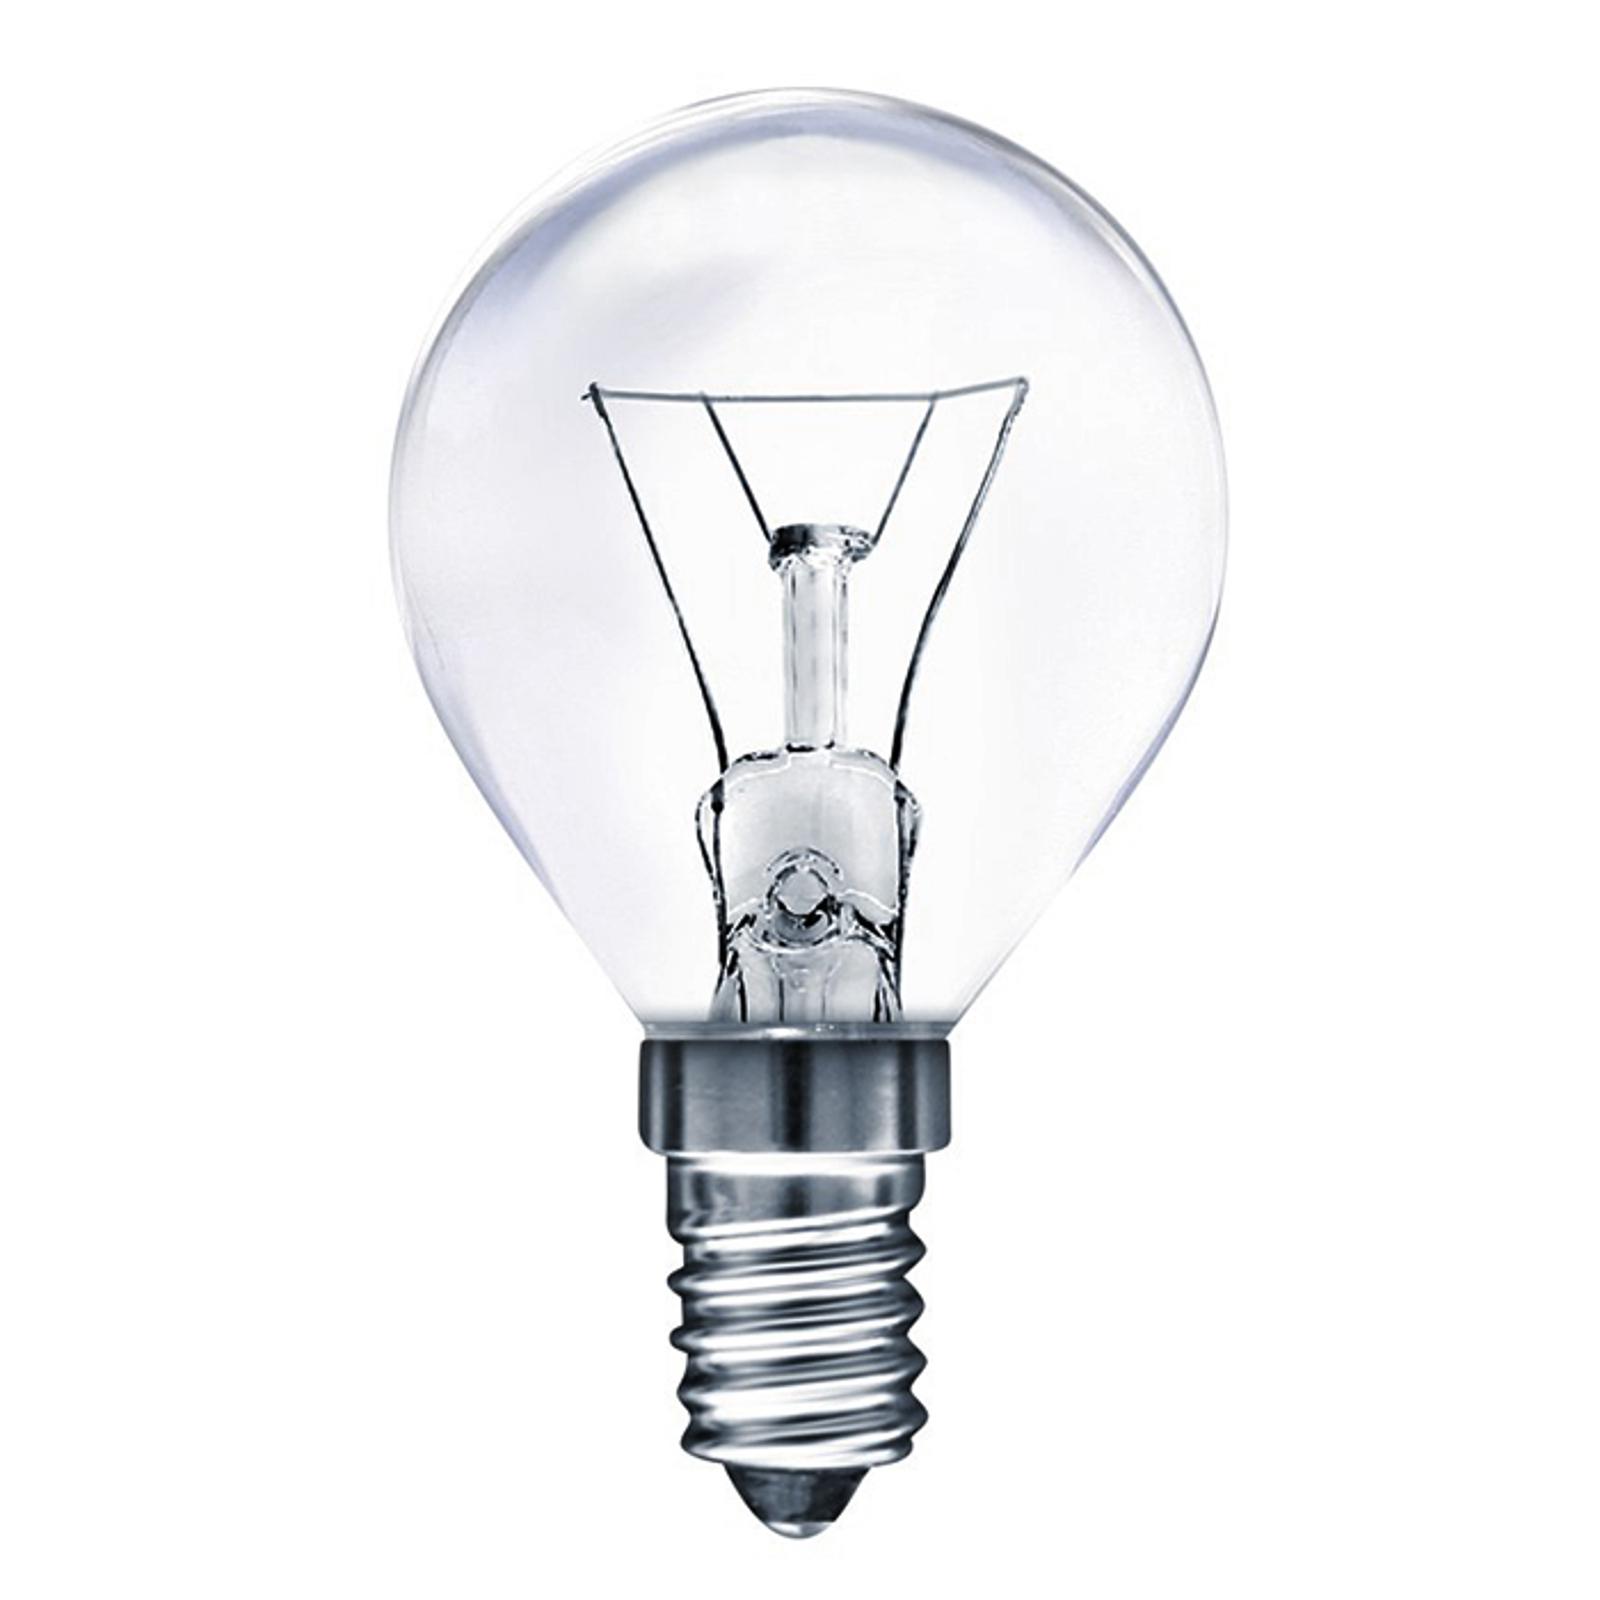 E14 25W uunilamppu, pisara, lämmin valkoinen